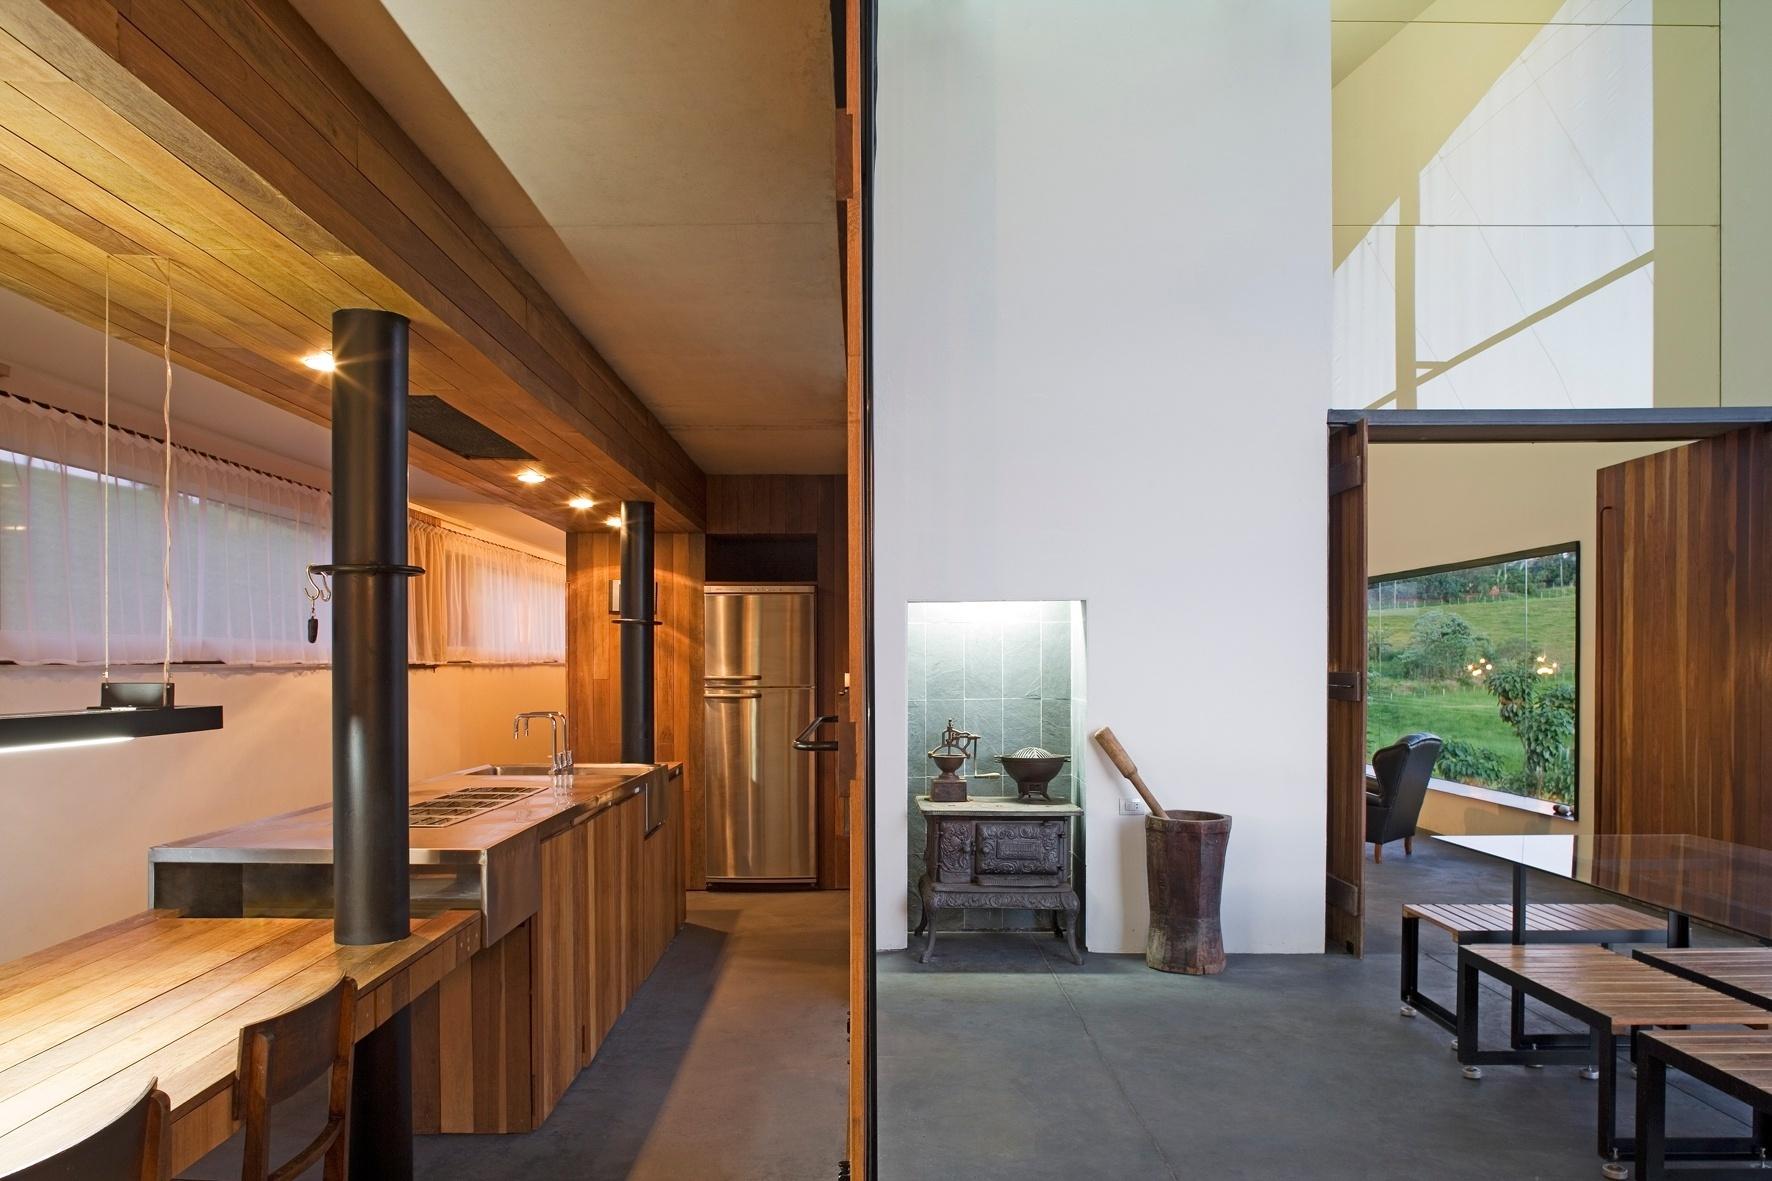 O ipê está presente em muitos ambientes da casa em São Pedro (SP) adicionando aconchego. Na cozinha, por exemplo, a madeira reveste vigas, é usada no mobiliário e, também nas portas. O projeto de arquitetura é de Eduardo de Oliveira Rosa